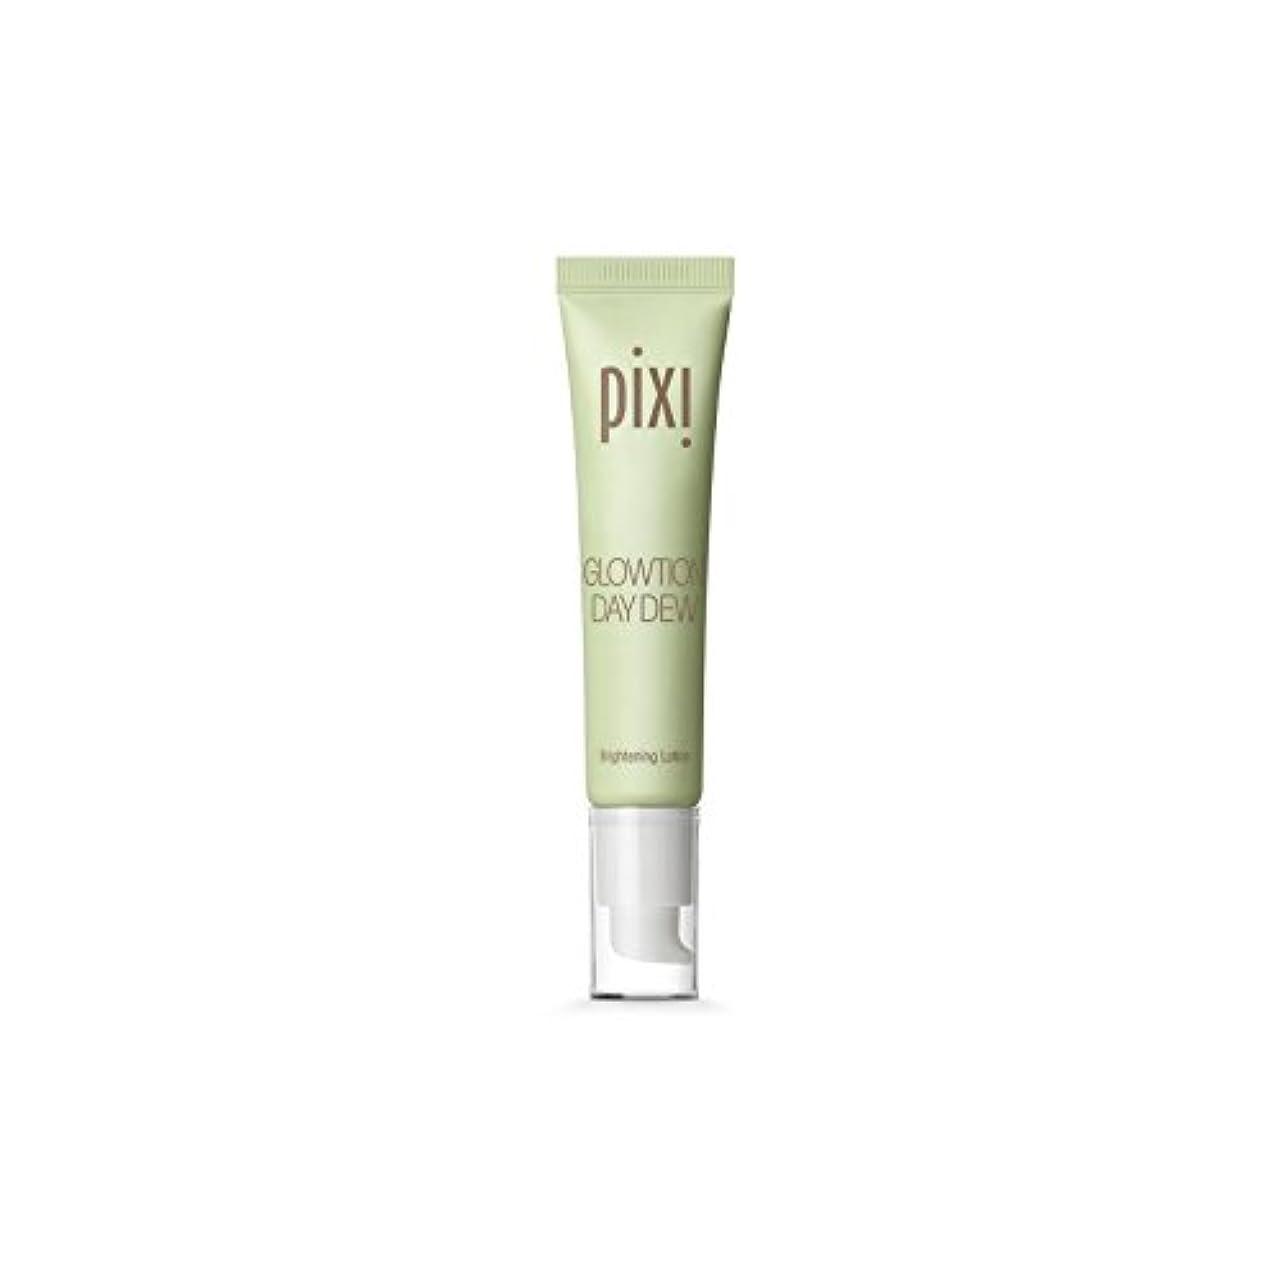 同行する普通にアレルギー性日露 x2 - Pixi Pixi Glowtion Day Dew (Pack of 2) [並行輸入品]